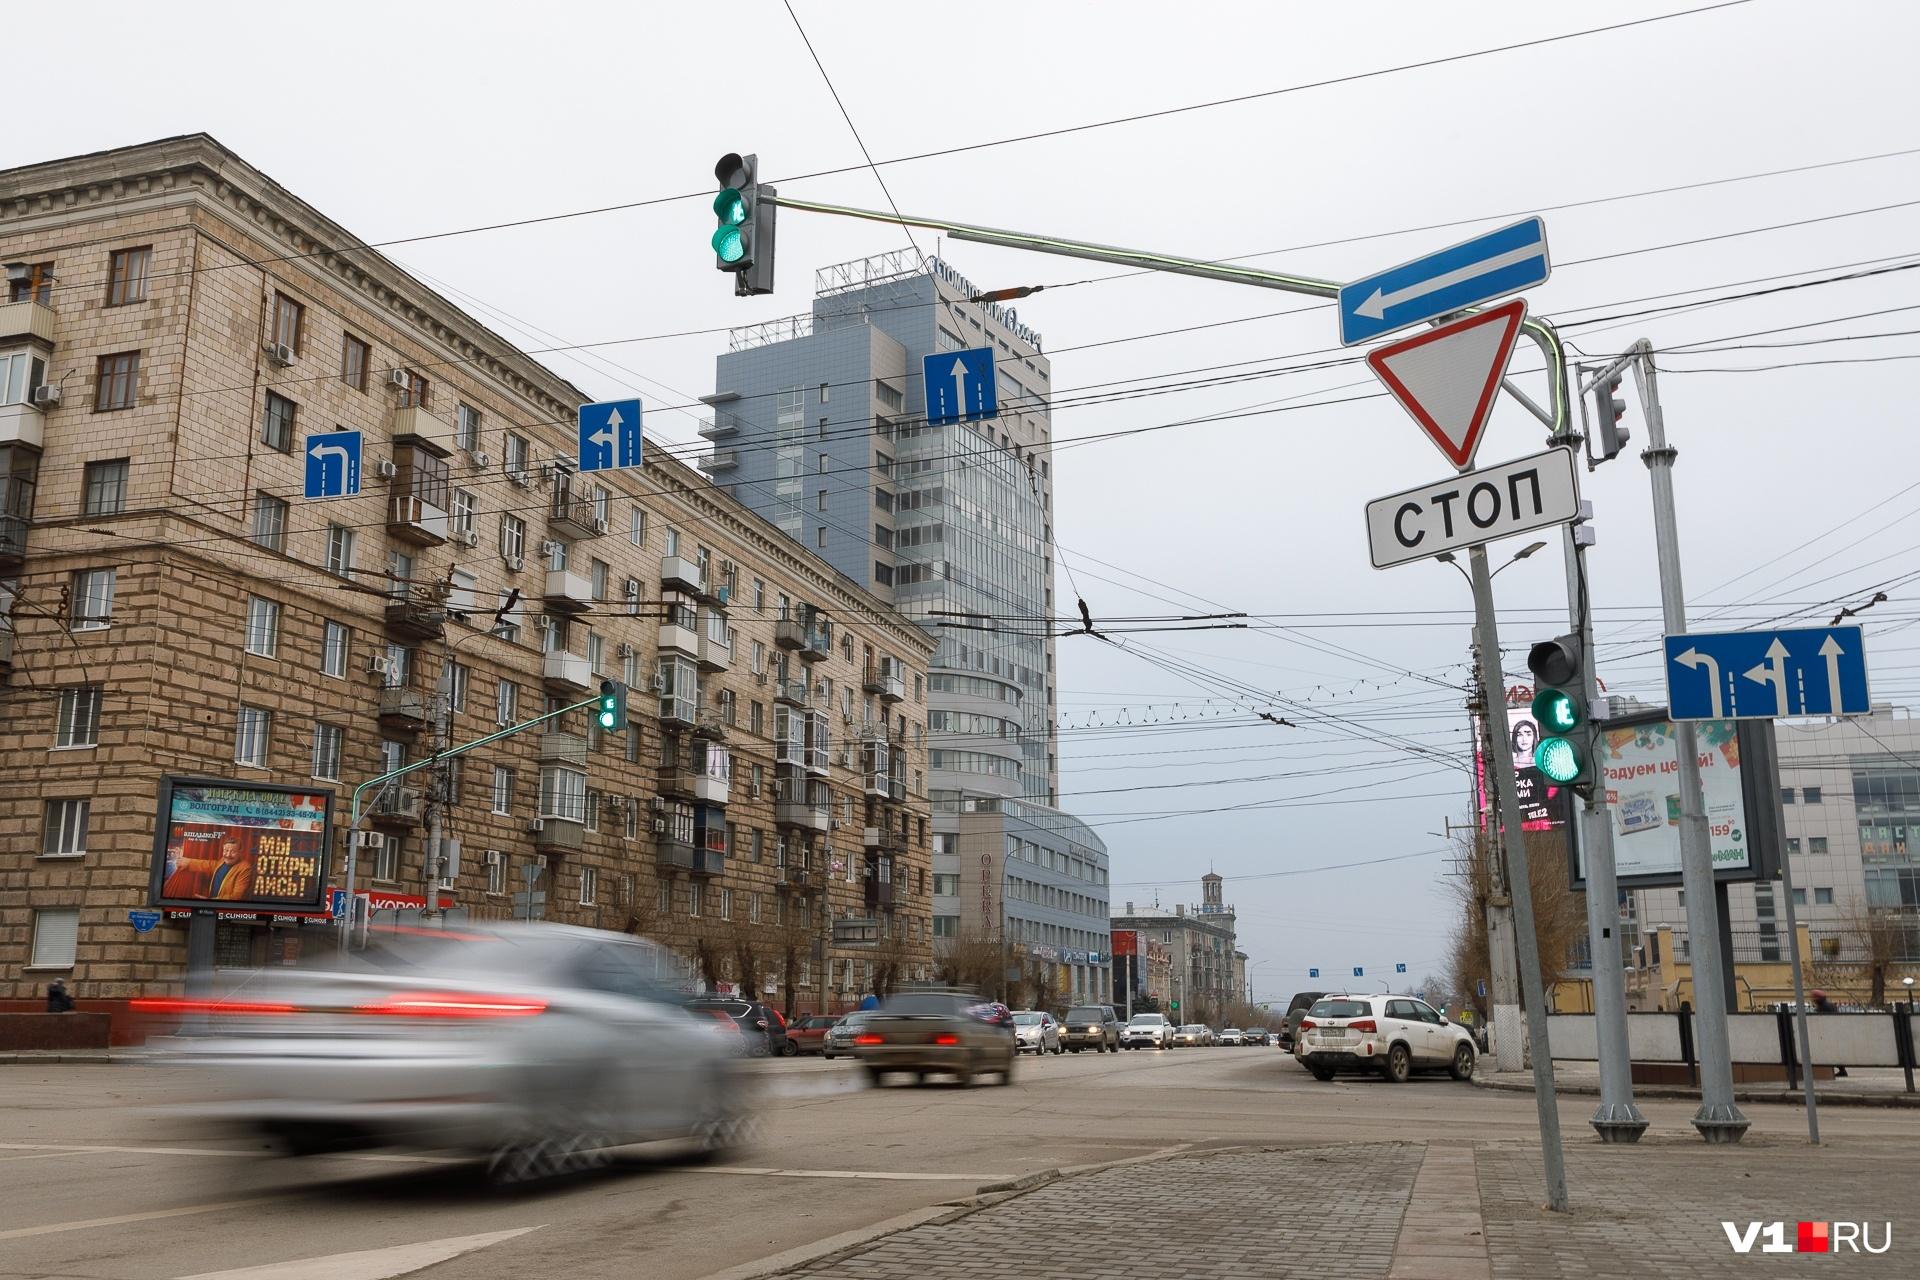 Спасать водителей от невнимательности решили и светофорами на выносных консолях